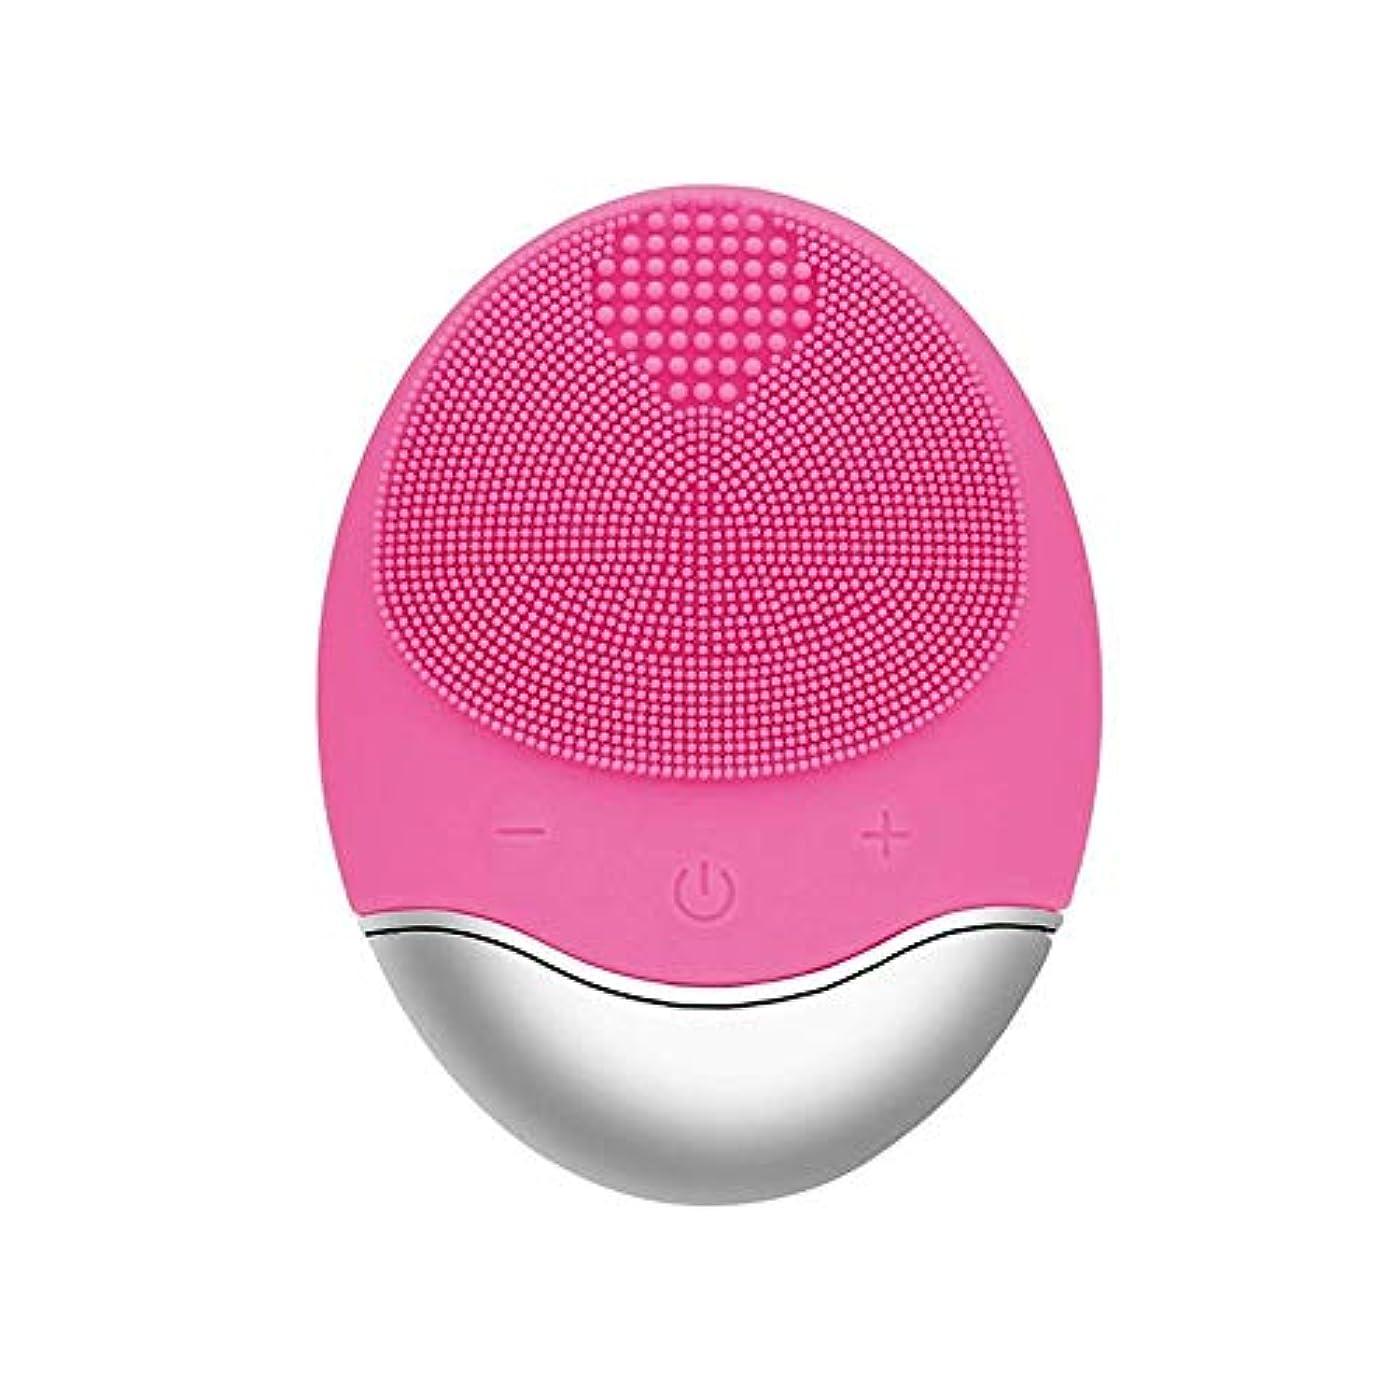 遺産わざわざ失われたZXF 新しい竹炭クレンジング楽器クレンジングポア充電式電気シリコーンにきびクレンジング楽器ピンク 滑らかである